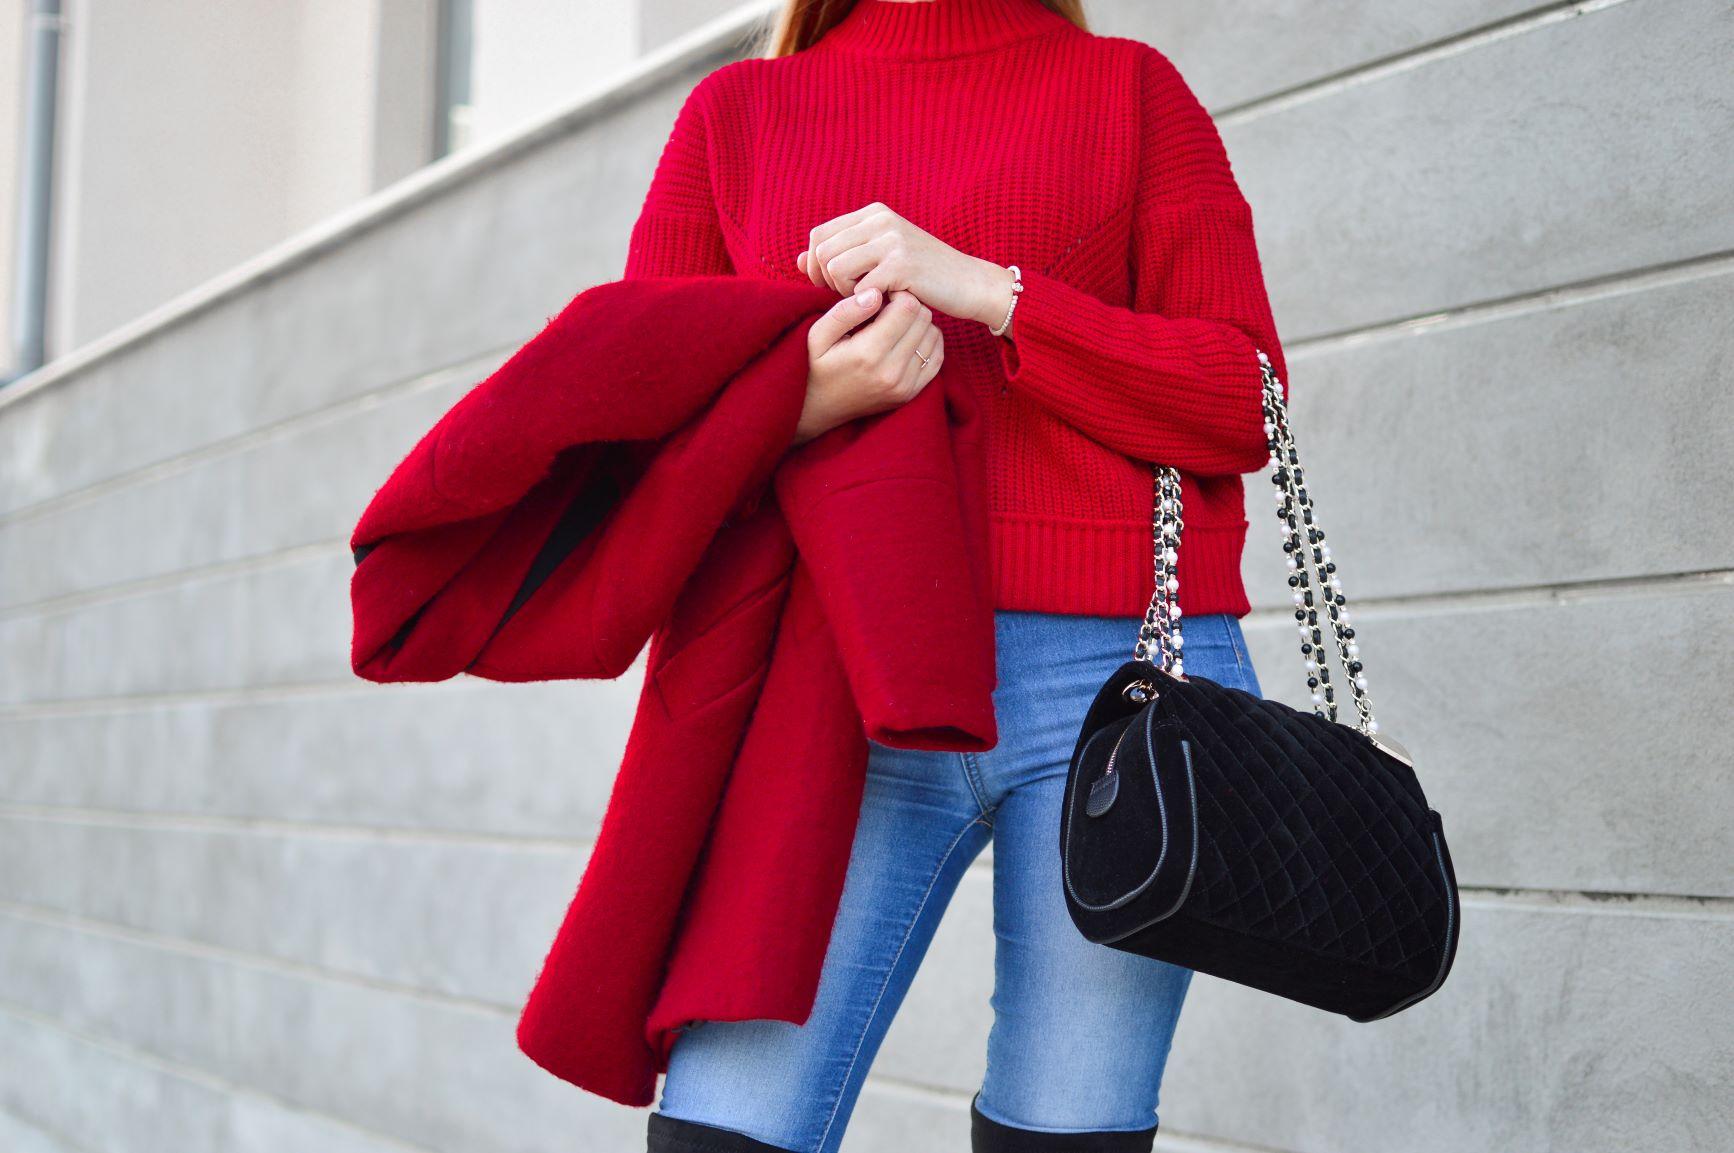 Couleur Avec Du Rouge quelle couleur de sac avec un manteau ?